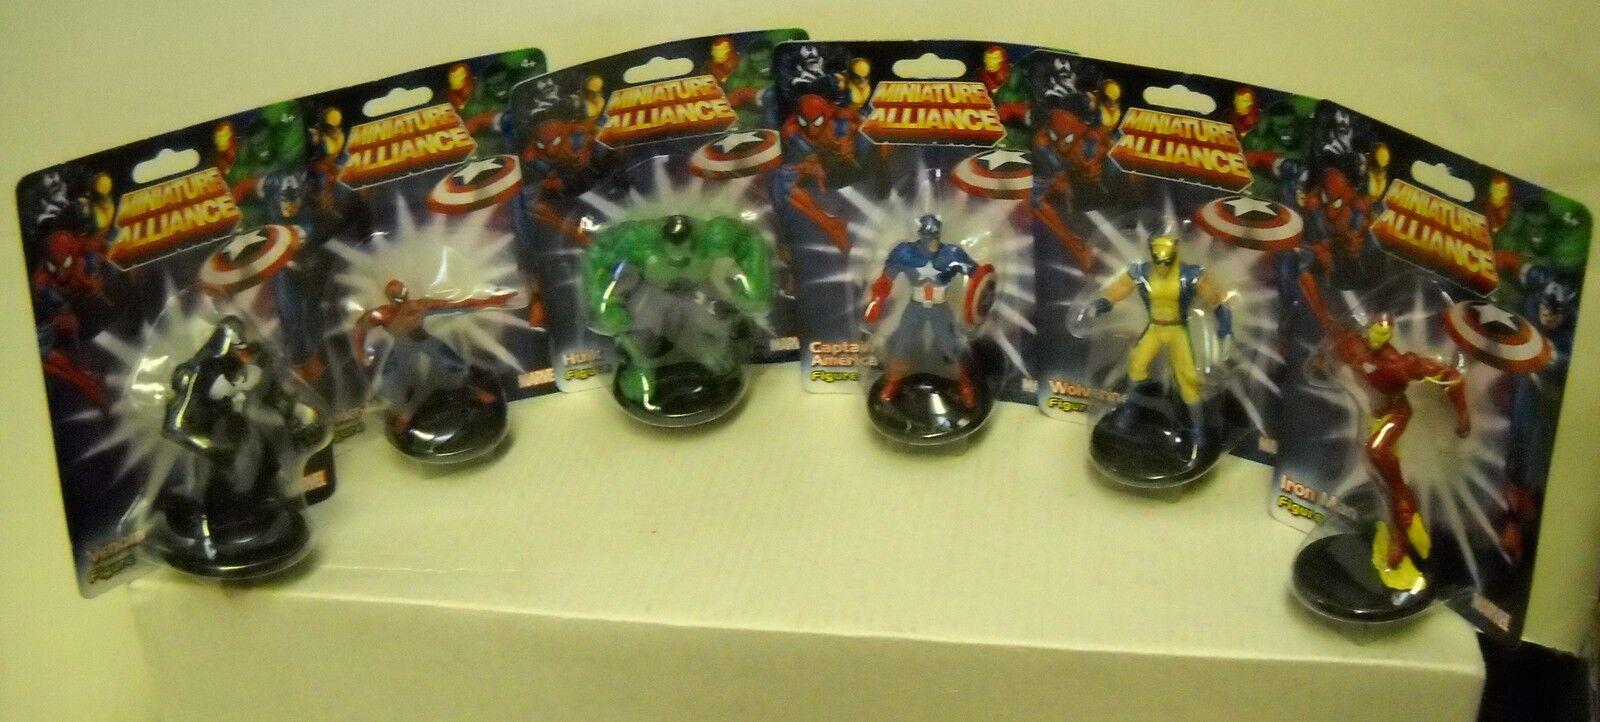 4110 nrfc miniatur - allianz von 6 superhelden   bösewicht miniatur - zahlen